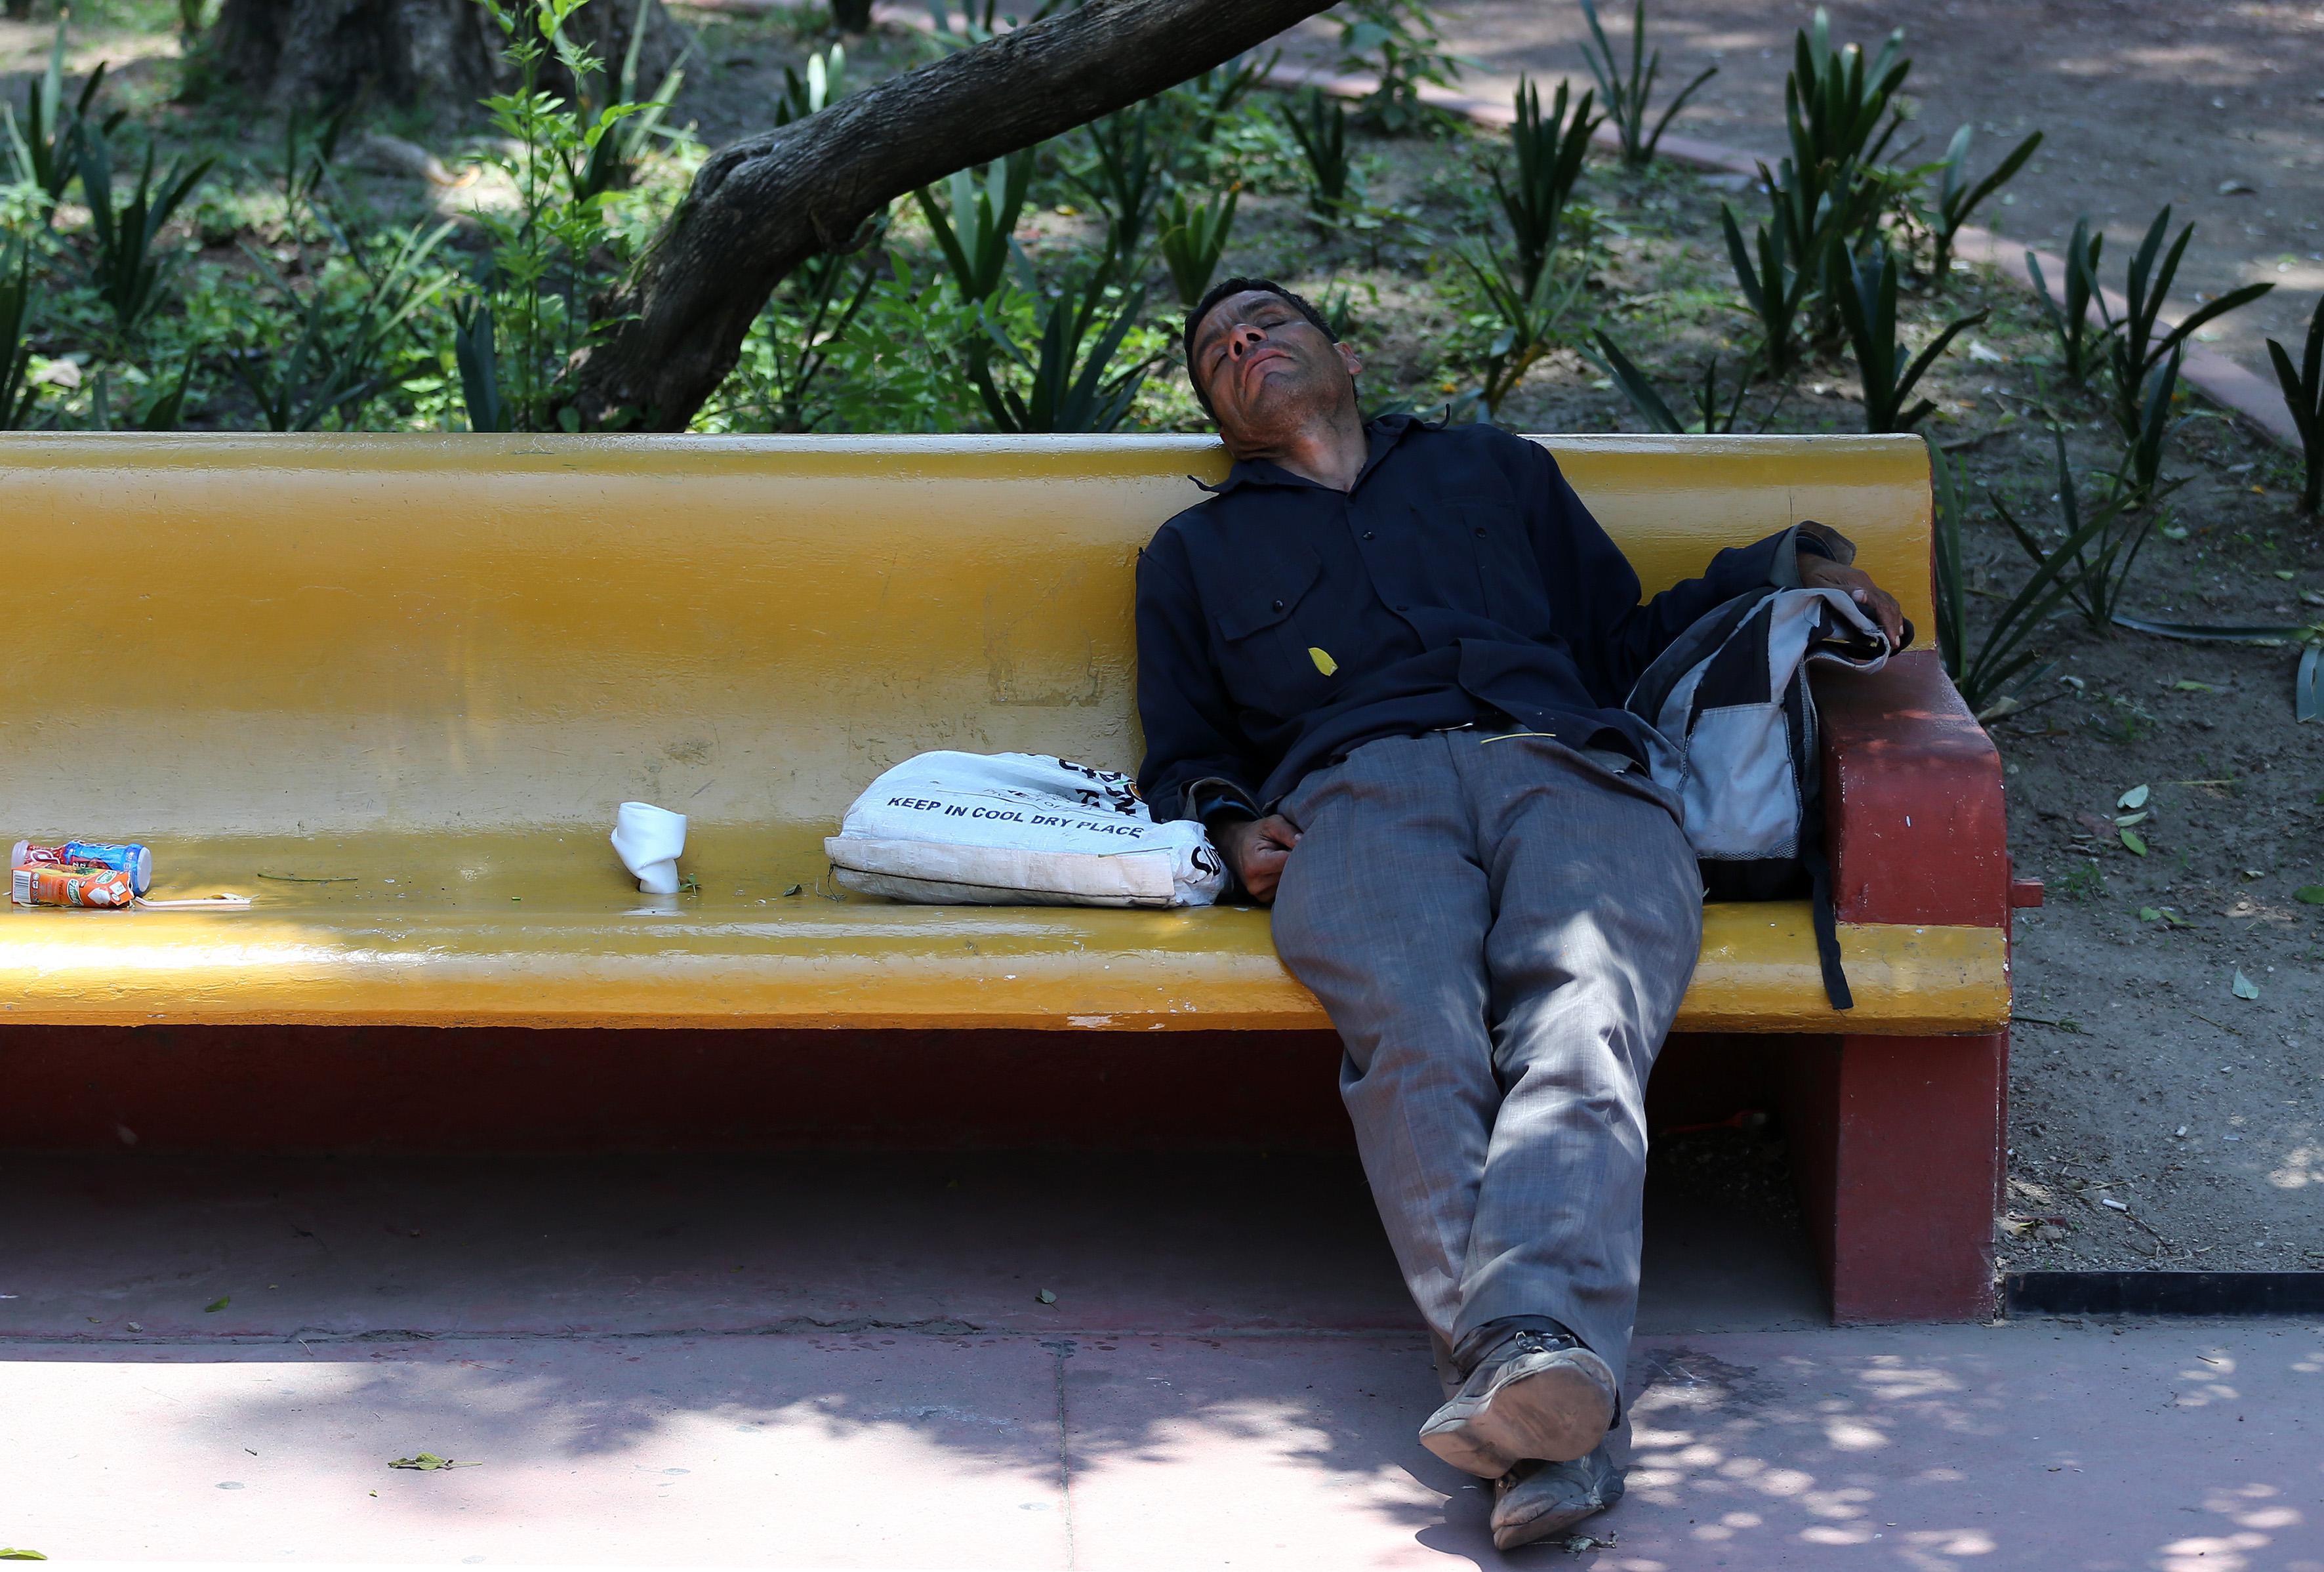 Indigente joven durmiendo en la banca de un parque